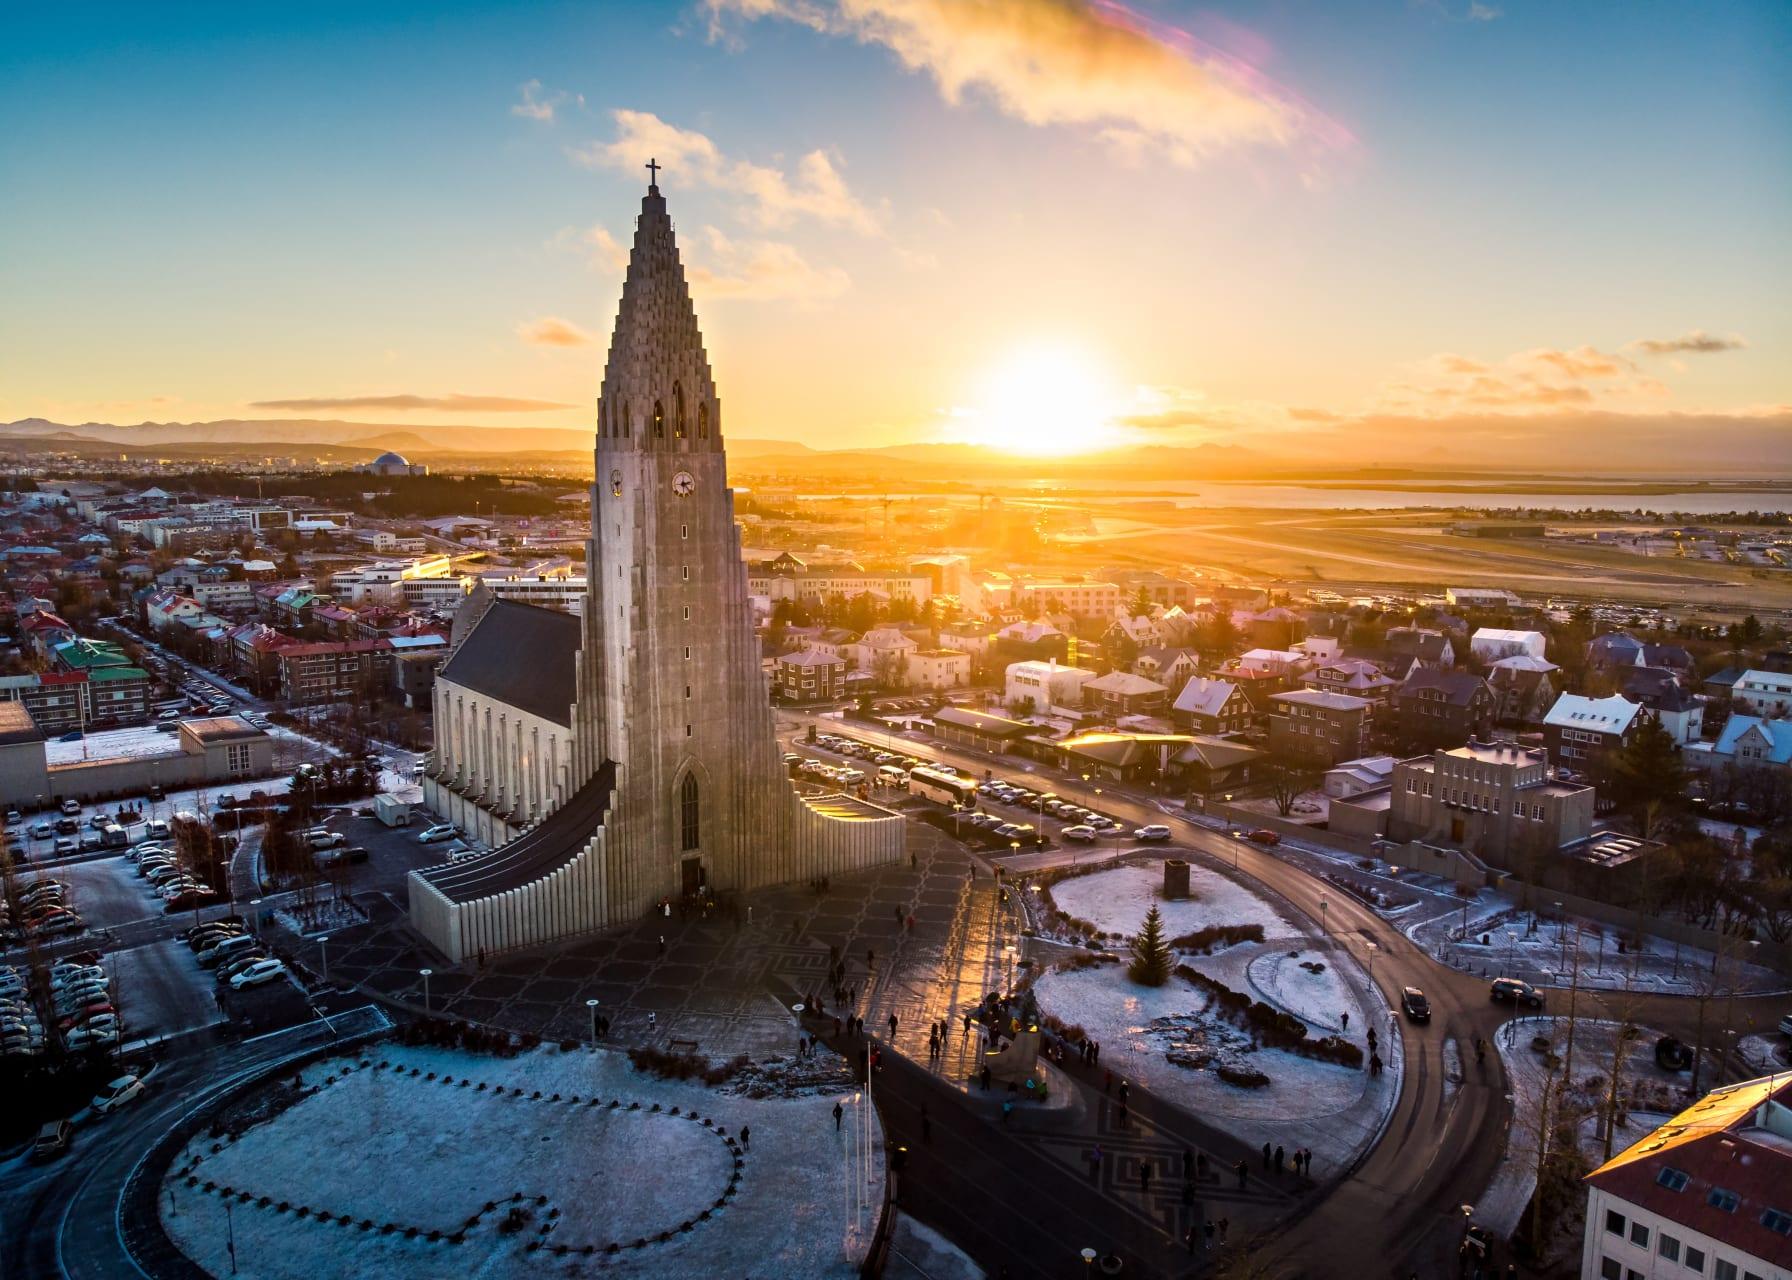 Reykjavik cover image